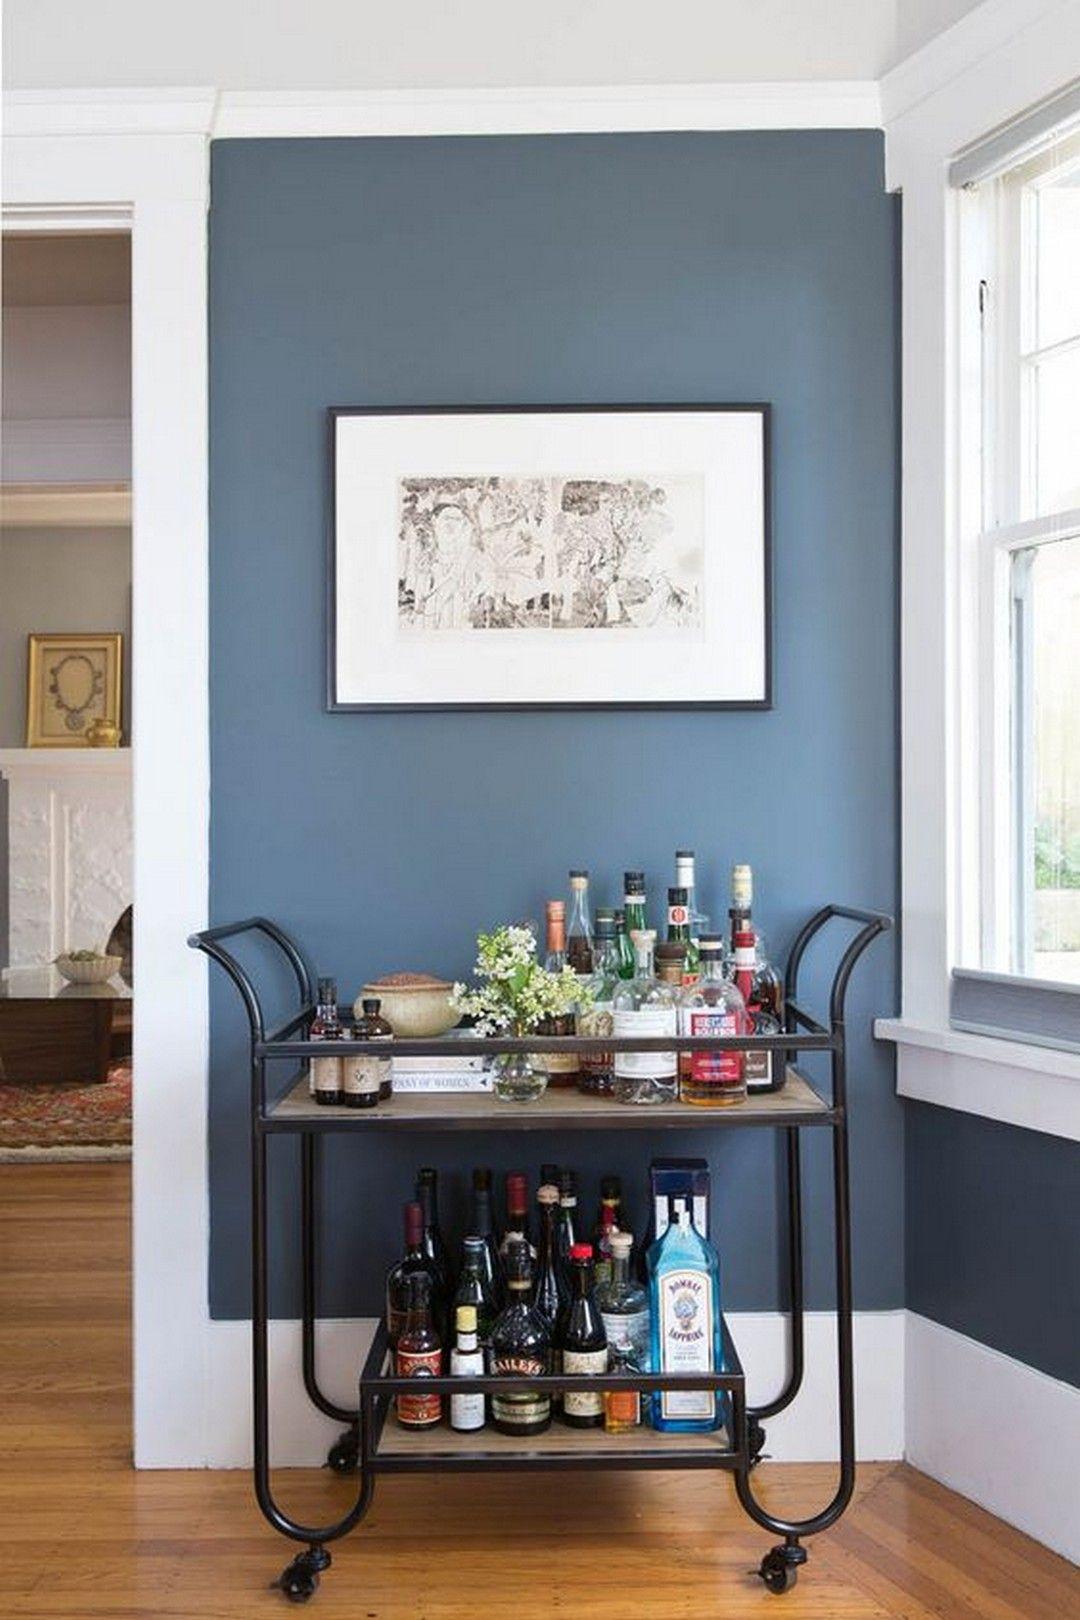 10 Beautiful And Unique Blue Farmhouse Dining Room To Copy Decoracion De Comedores Modernos Decoracion De Comedores Pequenos Combinaciones De Colores Del Dormitorio